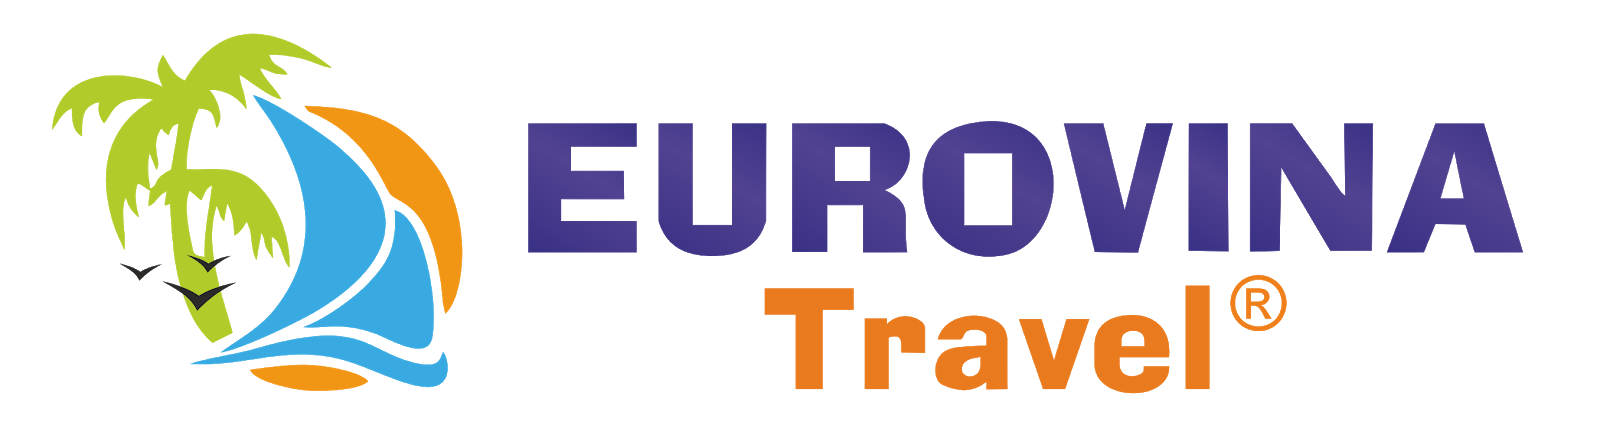 Du Lịch Châu Âu - Dịch vụ tour du lịch Châu Âu: DỊCH VỤ CHO THUÊ XE DU LỊCH TẠI CHÂU ÂU